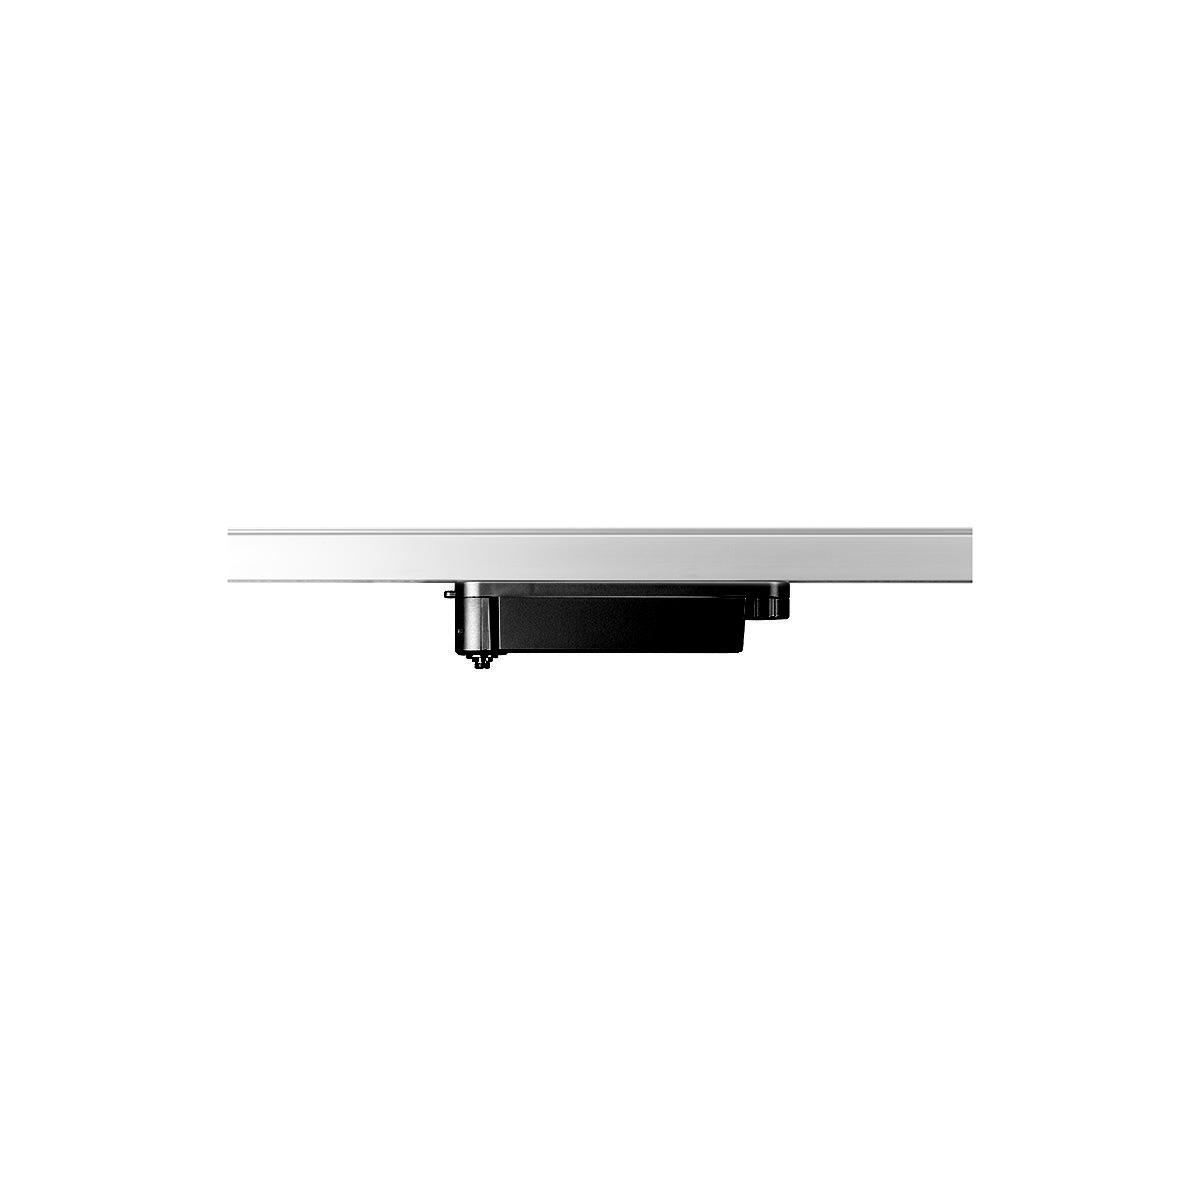 Oligo PHASE System PHASE-IN 24 V Systemadapter D33-624-10-23